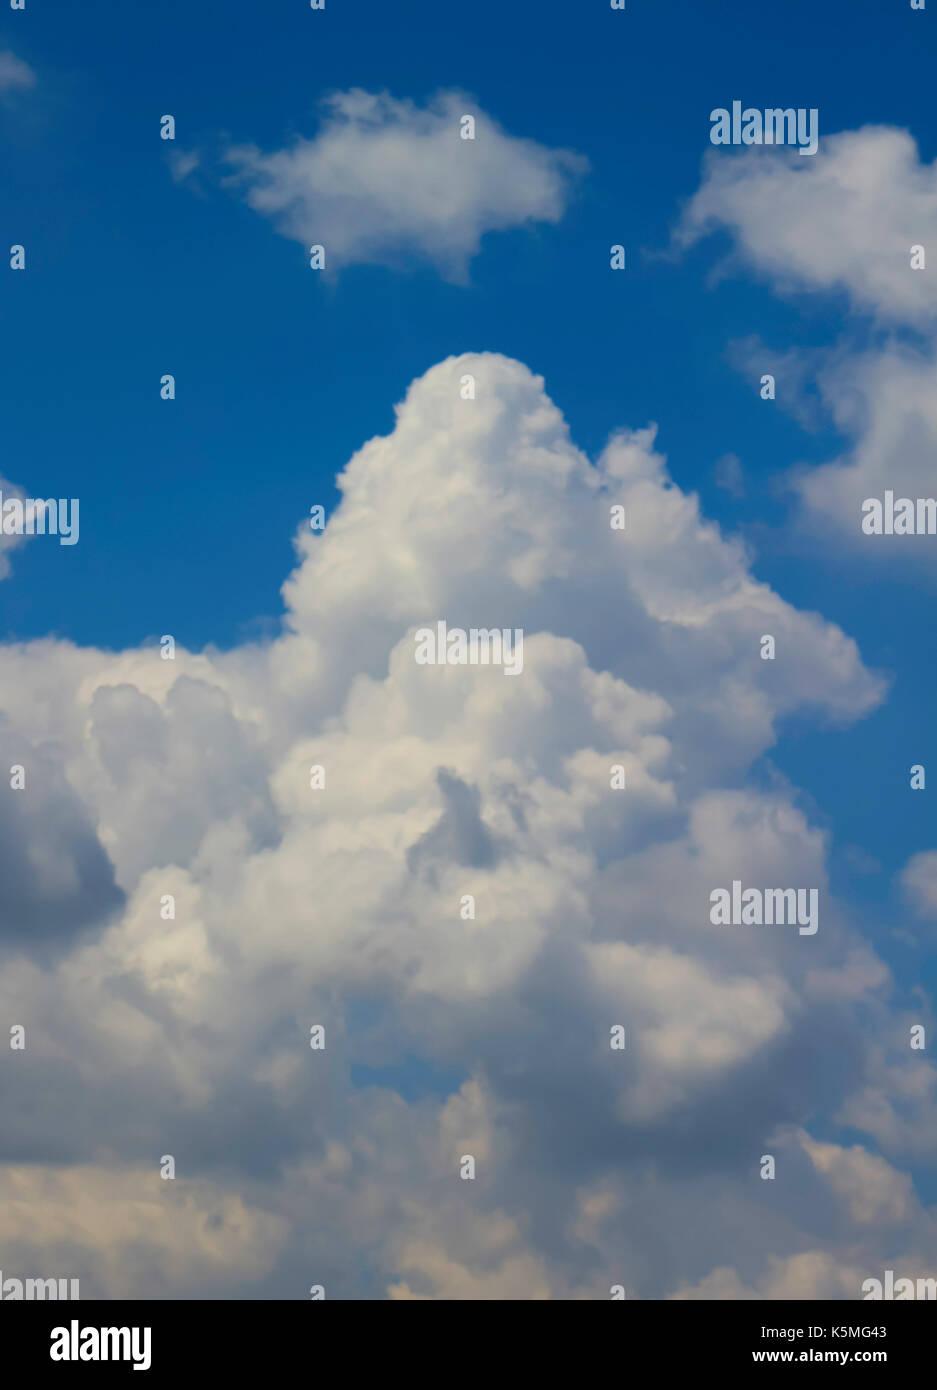 Puffy White Cumulonimbus Cloud - Stock Image